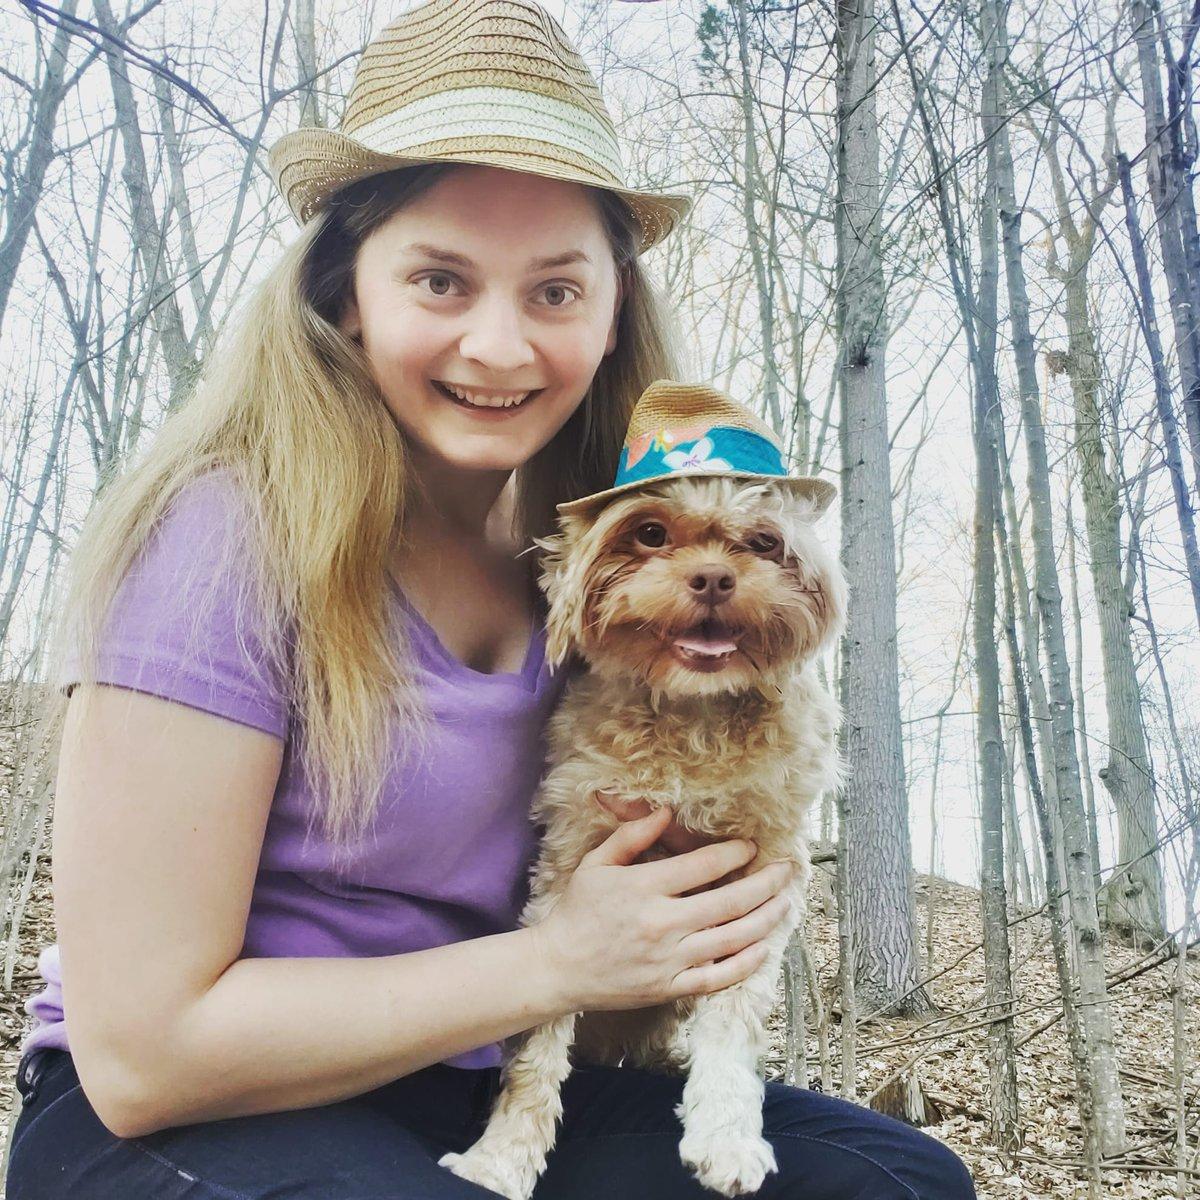 Joey and I having a little bit of fun #dog #muppetdog #dogwearinghat #hatdog #doggy #doggie #dogphoto #dogphotoshoot #selfiesunday #dogselfie #dogslife #dogsarejoy #smilingdog #dogsmilepic.twitter.com/Ou7uPbNybm